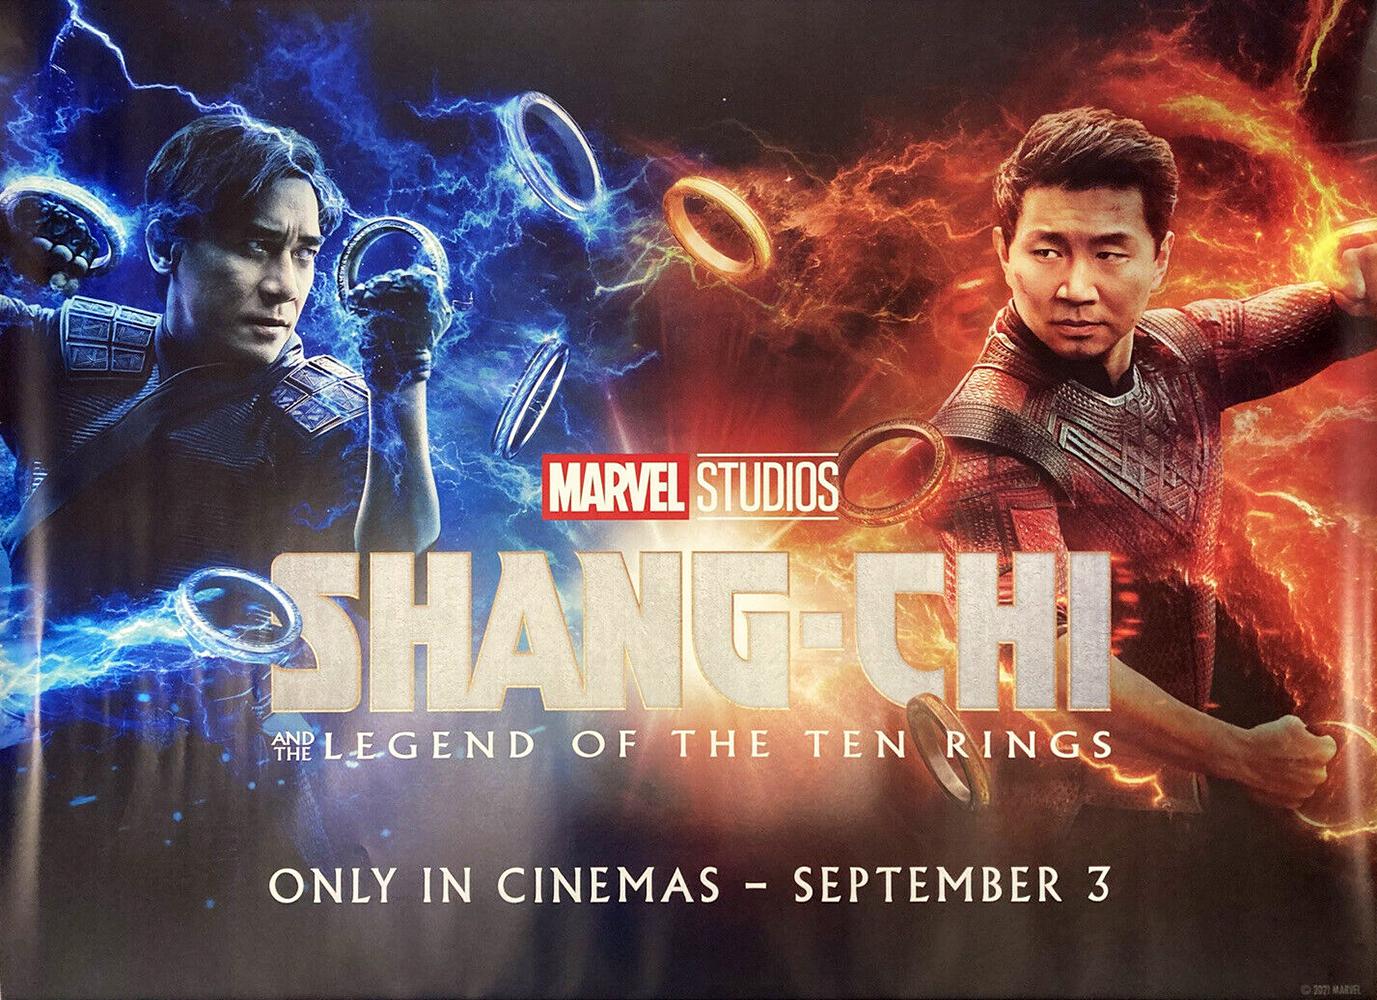 Shangchi4